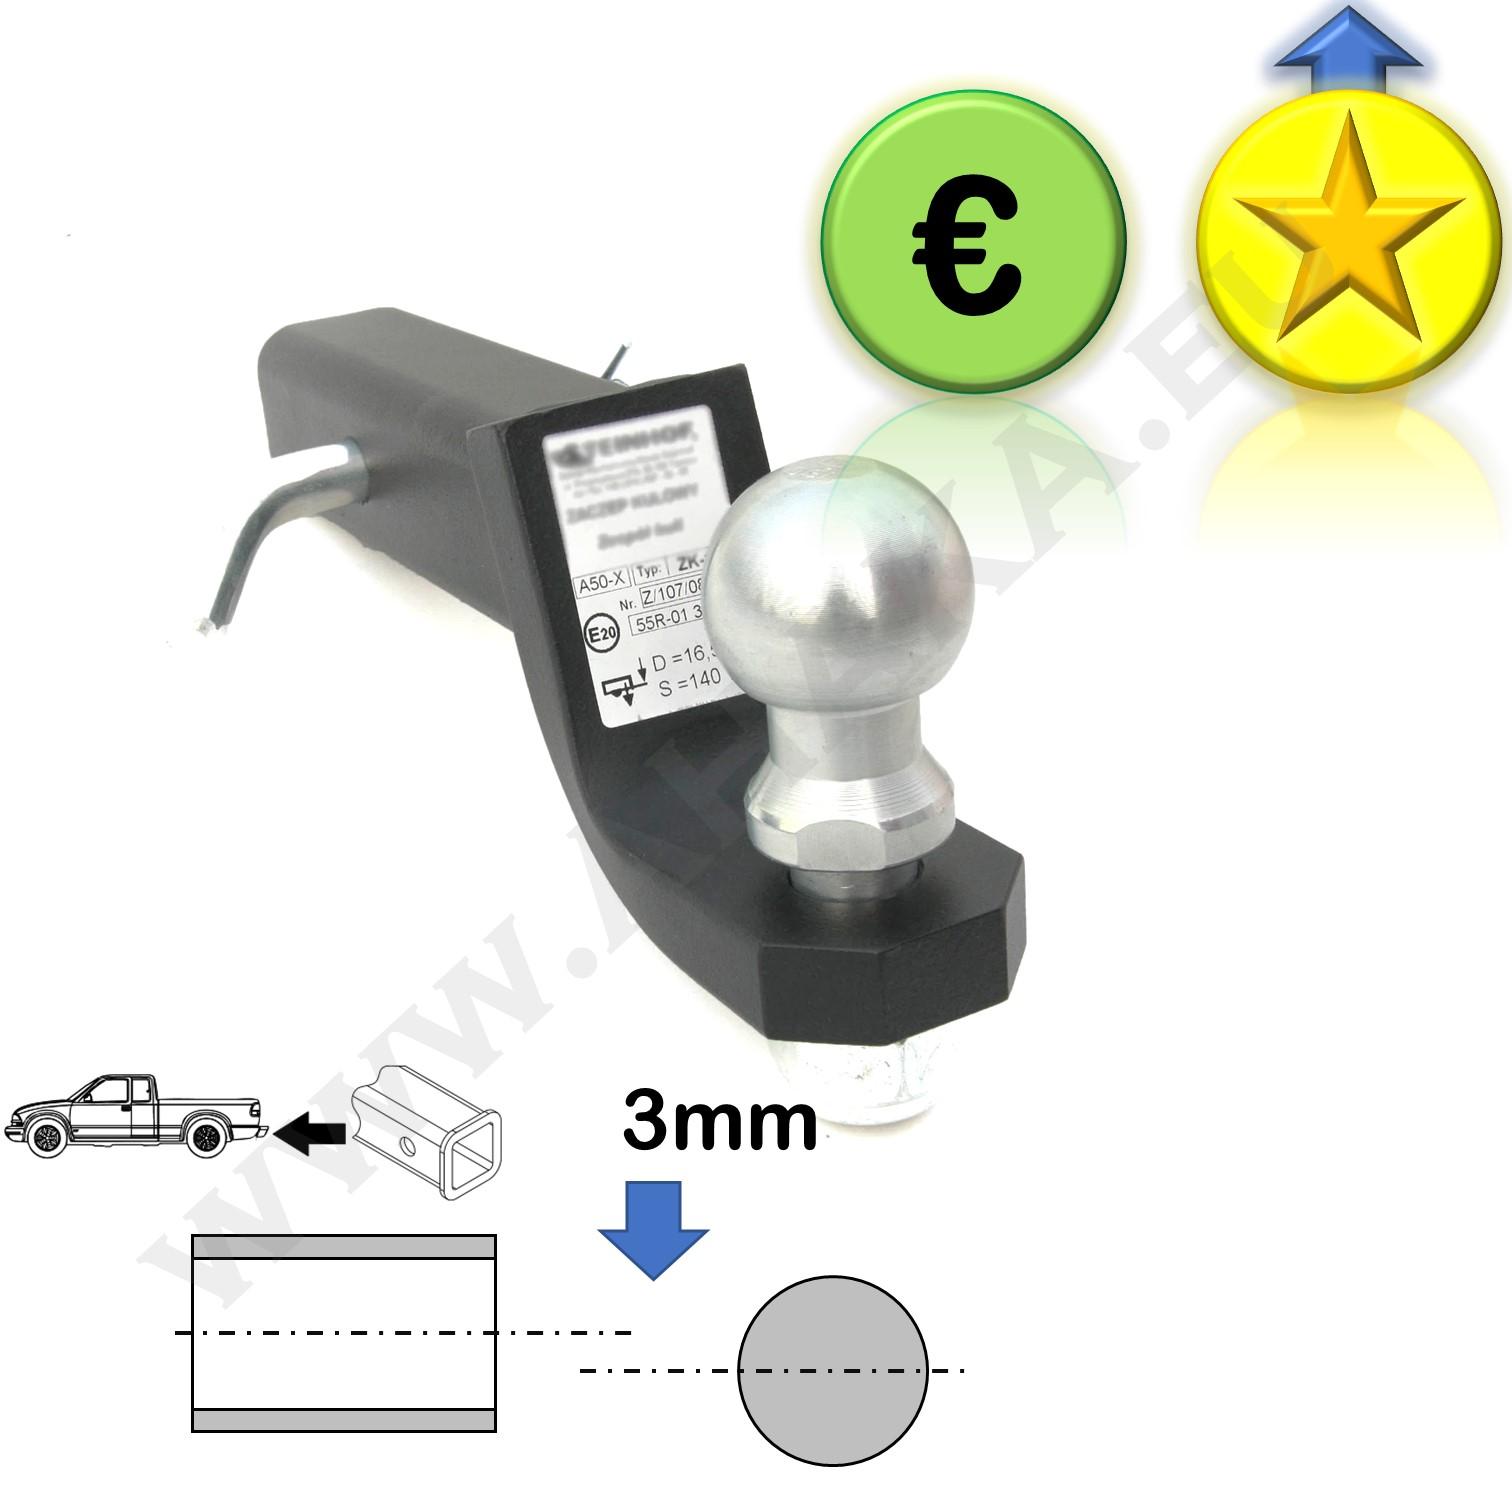 Steinhof Anh/ängerkupplung Adapter f/ür US-Fahrzeuge Gesenkt 50x50mm AHK h/öchste Qualit/ät